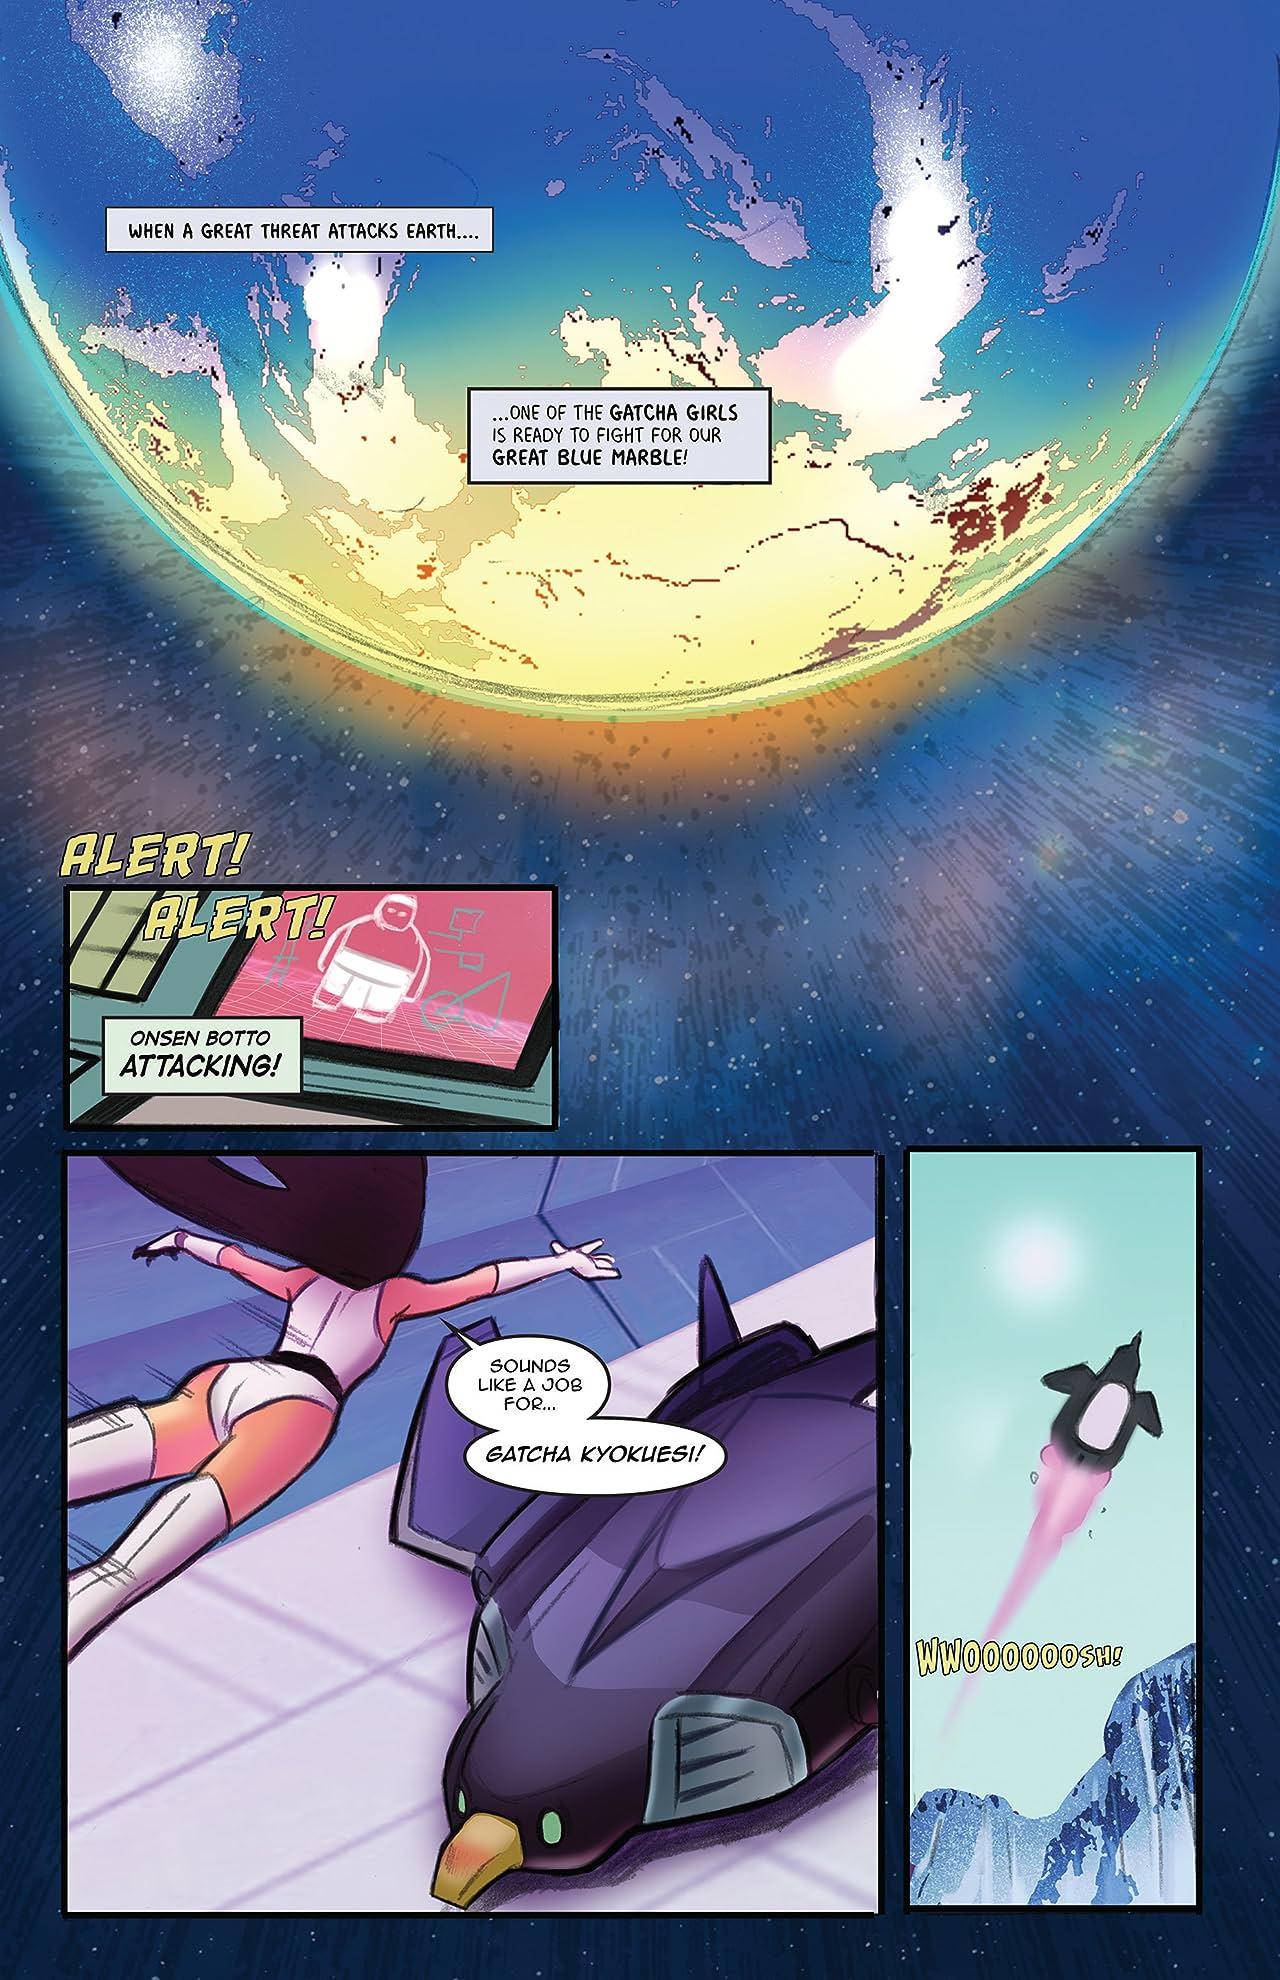 Mangazine Vol. 4 #2